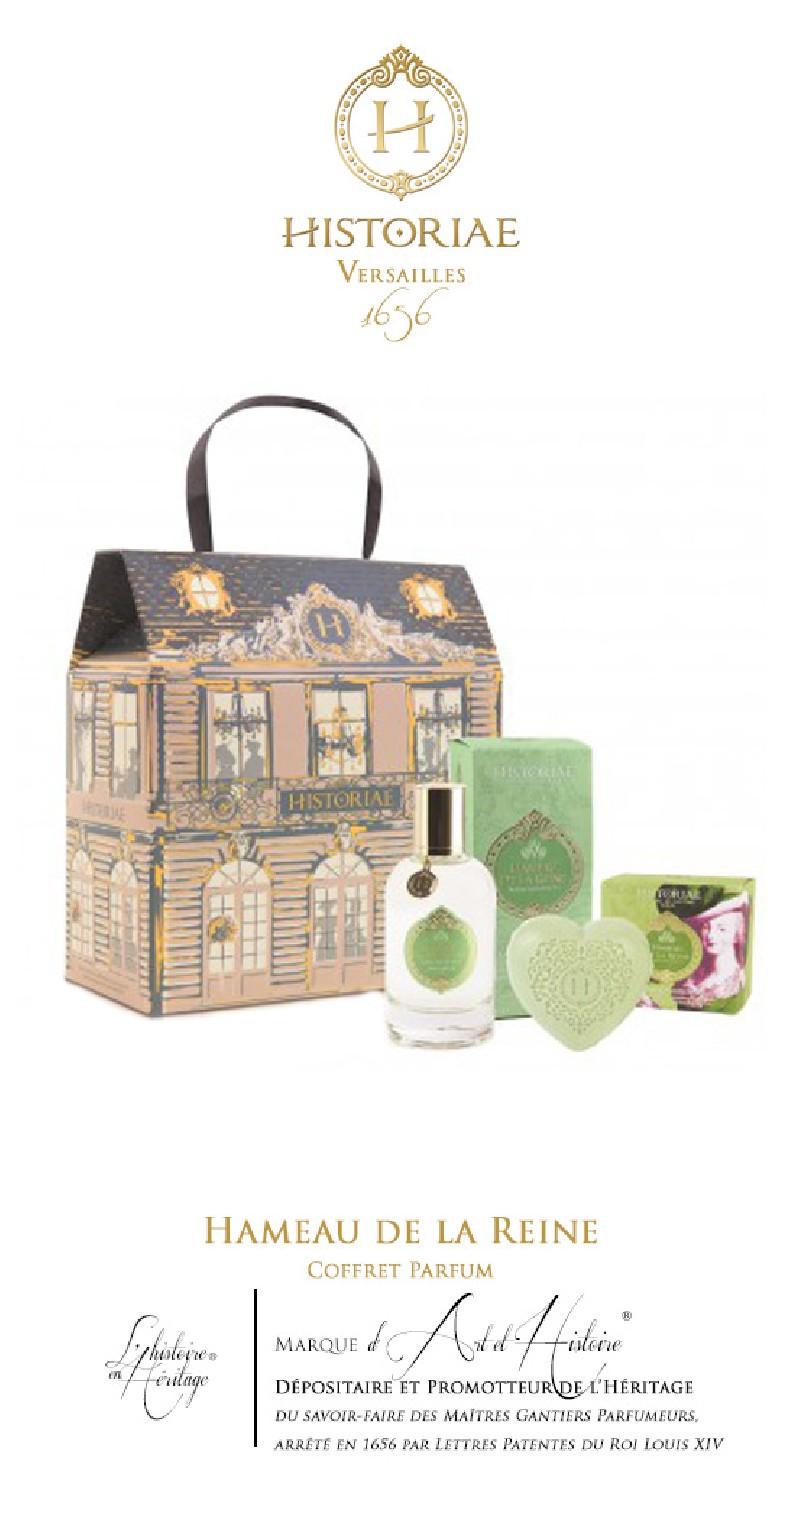 HISTORIAE Hameau de la Reine - Coffret Parfum